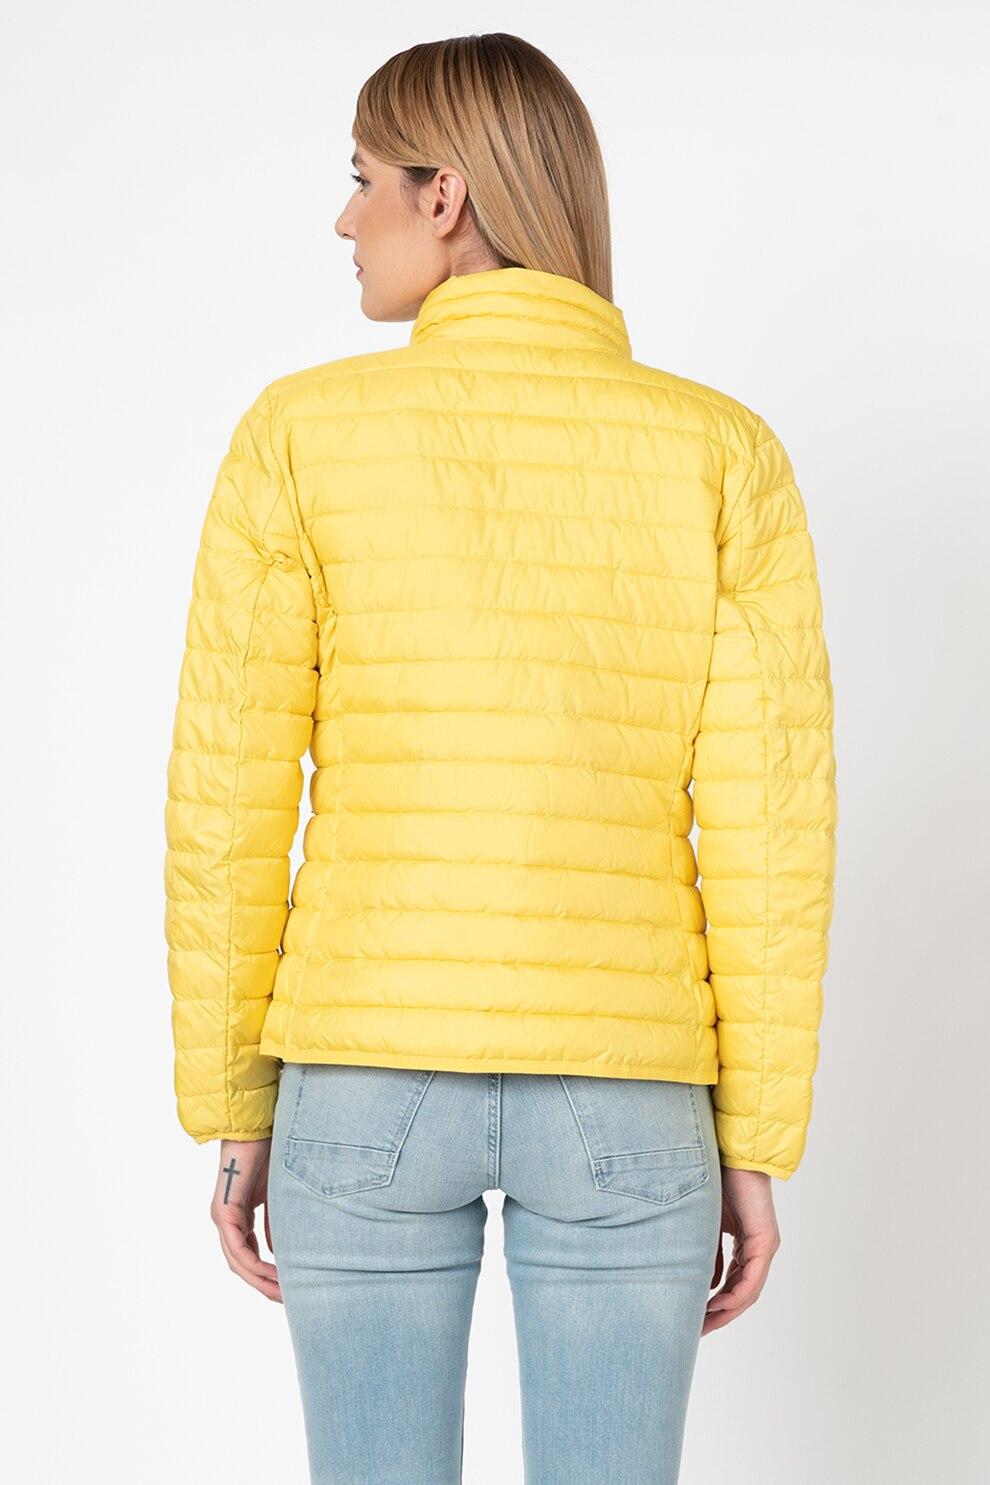 Tom Tailor, Könnyű súlyú dzseki belső zsebekkel eMAG.hu